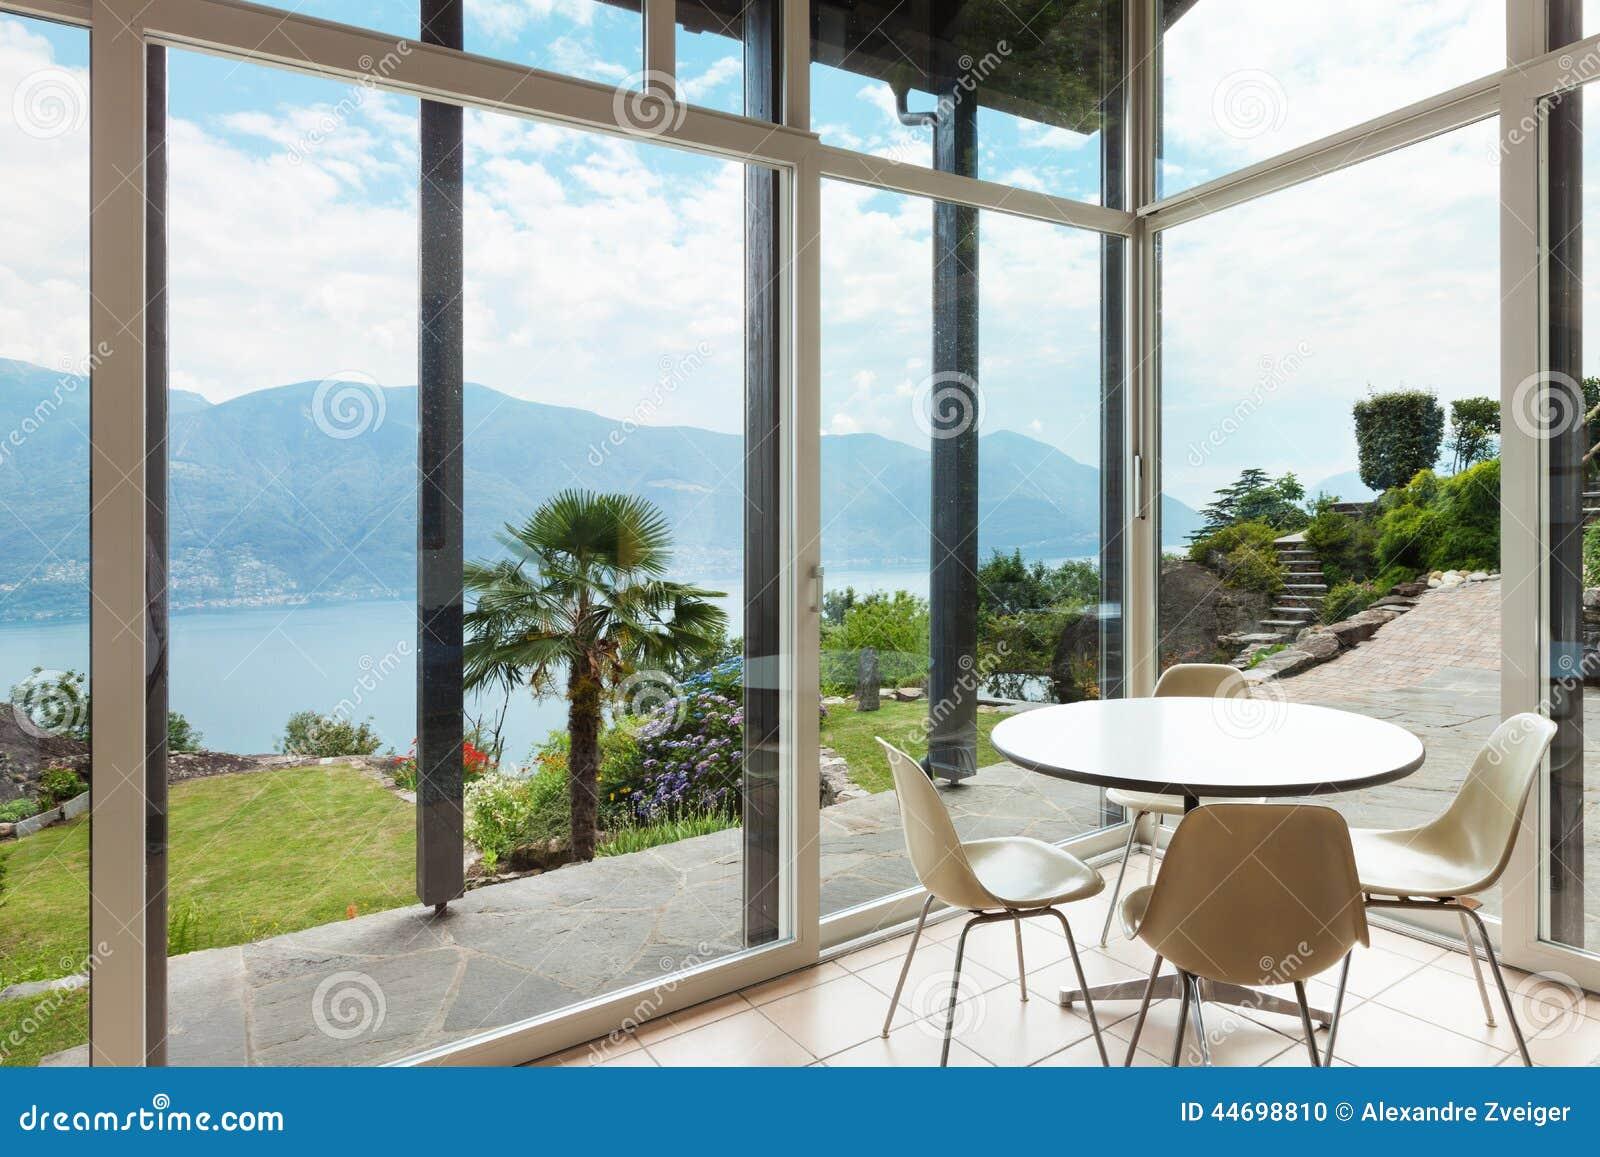 Nterior, Stanza Del Salone, Vista Della Veranda Fotografia Stock ...